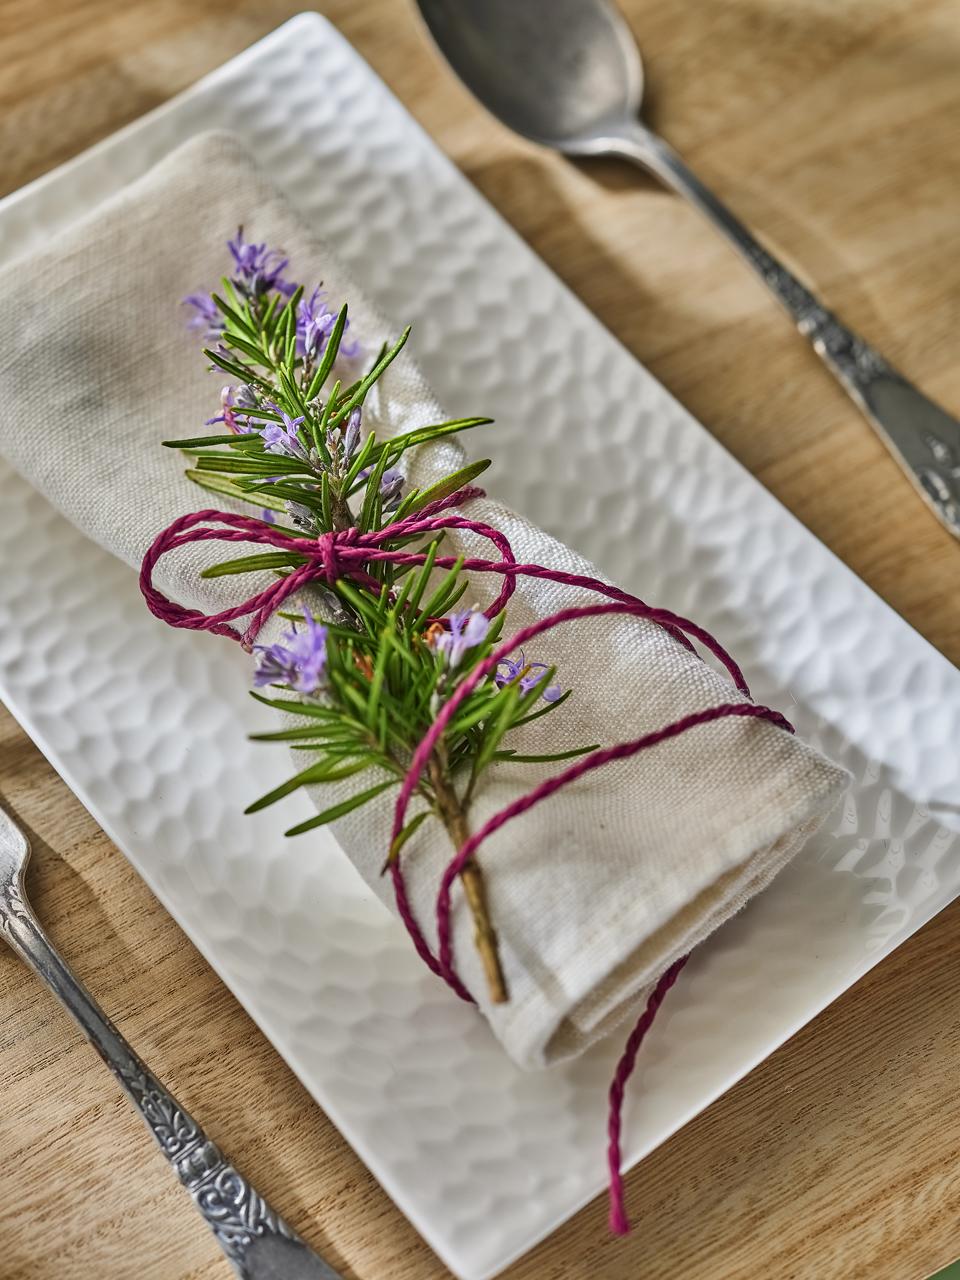 Serviette avec de la lavande dans une assiette